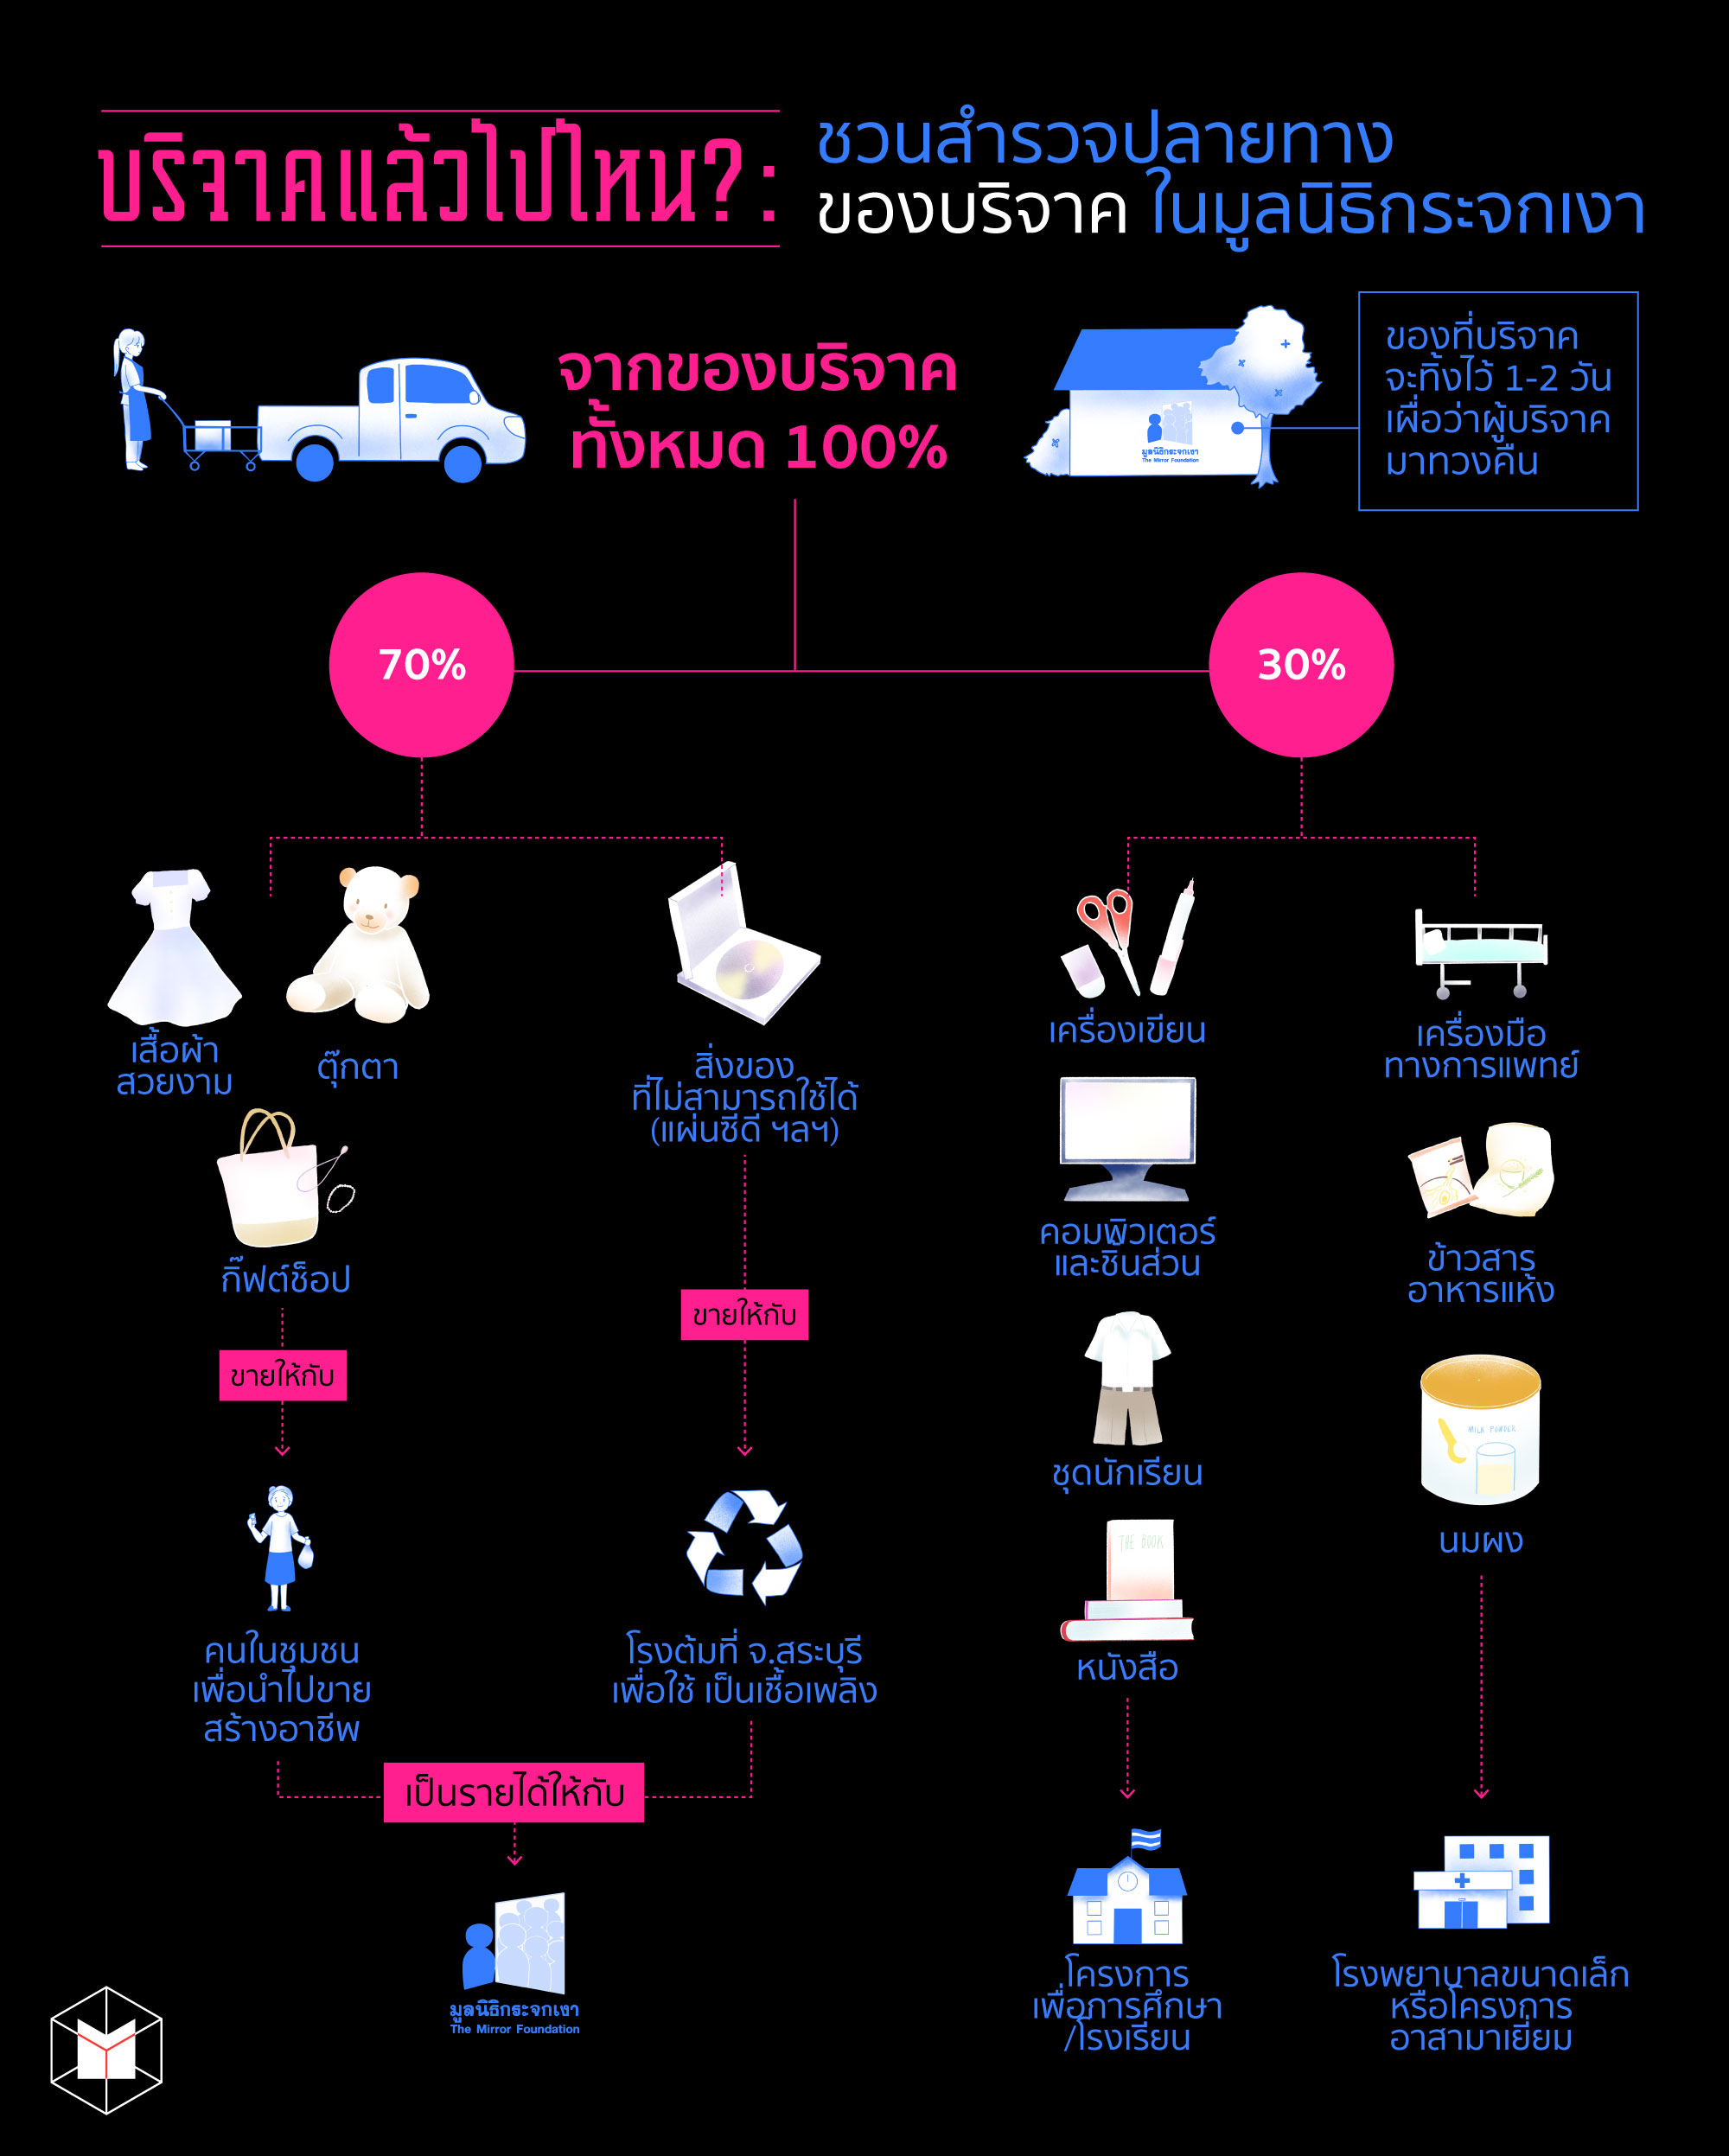 บริจาคแล้วไปไหน? : ชวนสำรวจปลายทาง 'ของบริจาค' ในมูลนิธิกระจกเงา